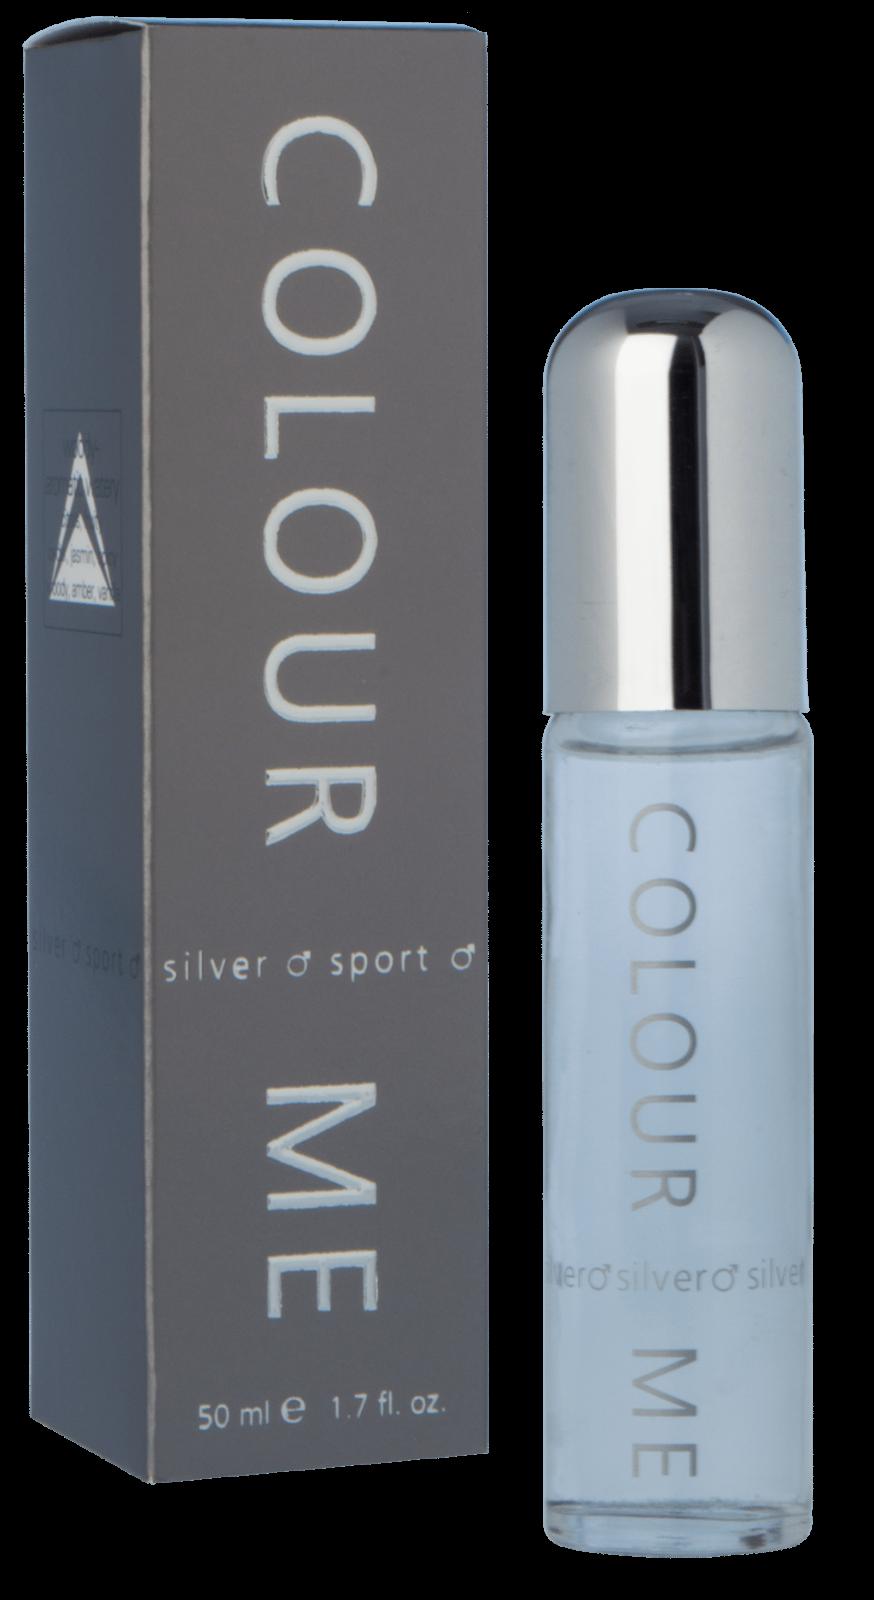 Milton Lloyd Mens Perfume - Colour Me Silver Sport - 50ml EDT - Eau De Toilette